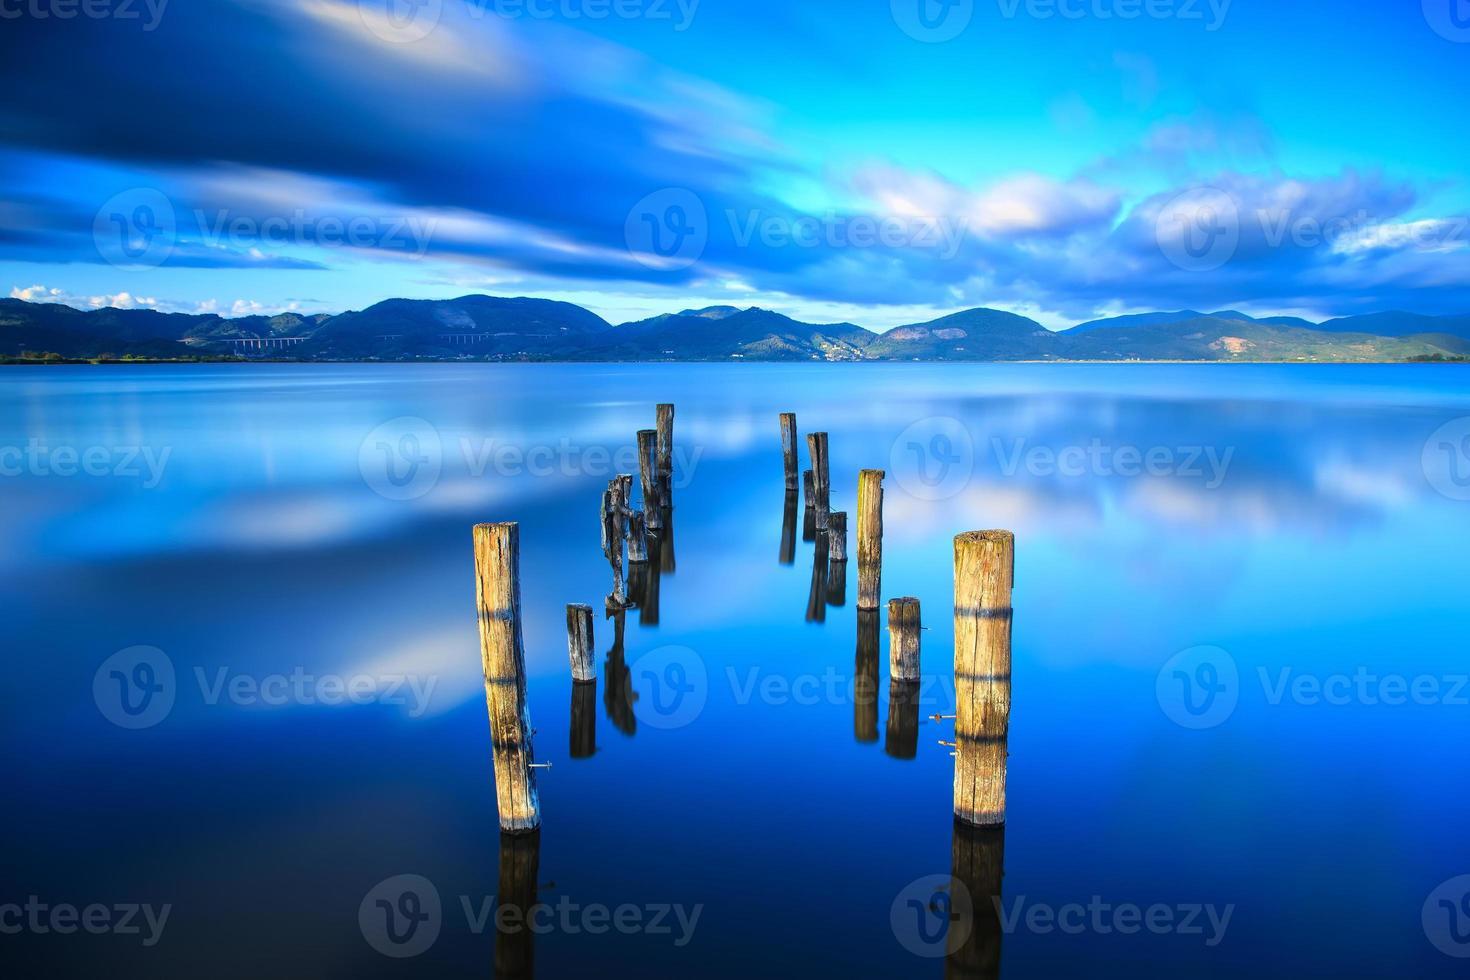 cais de madeira, cais permanece em um lago azul pôr do sol, céu foto